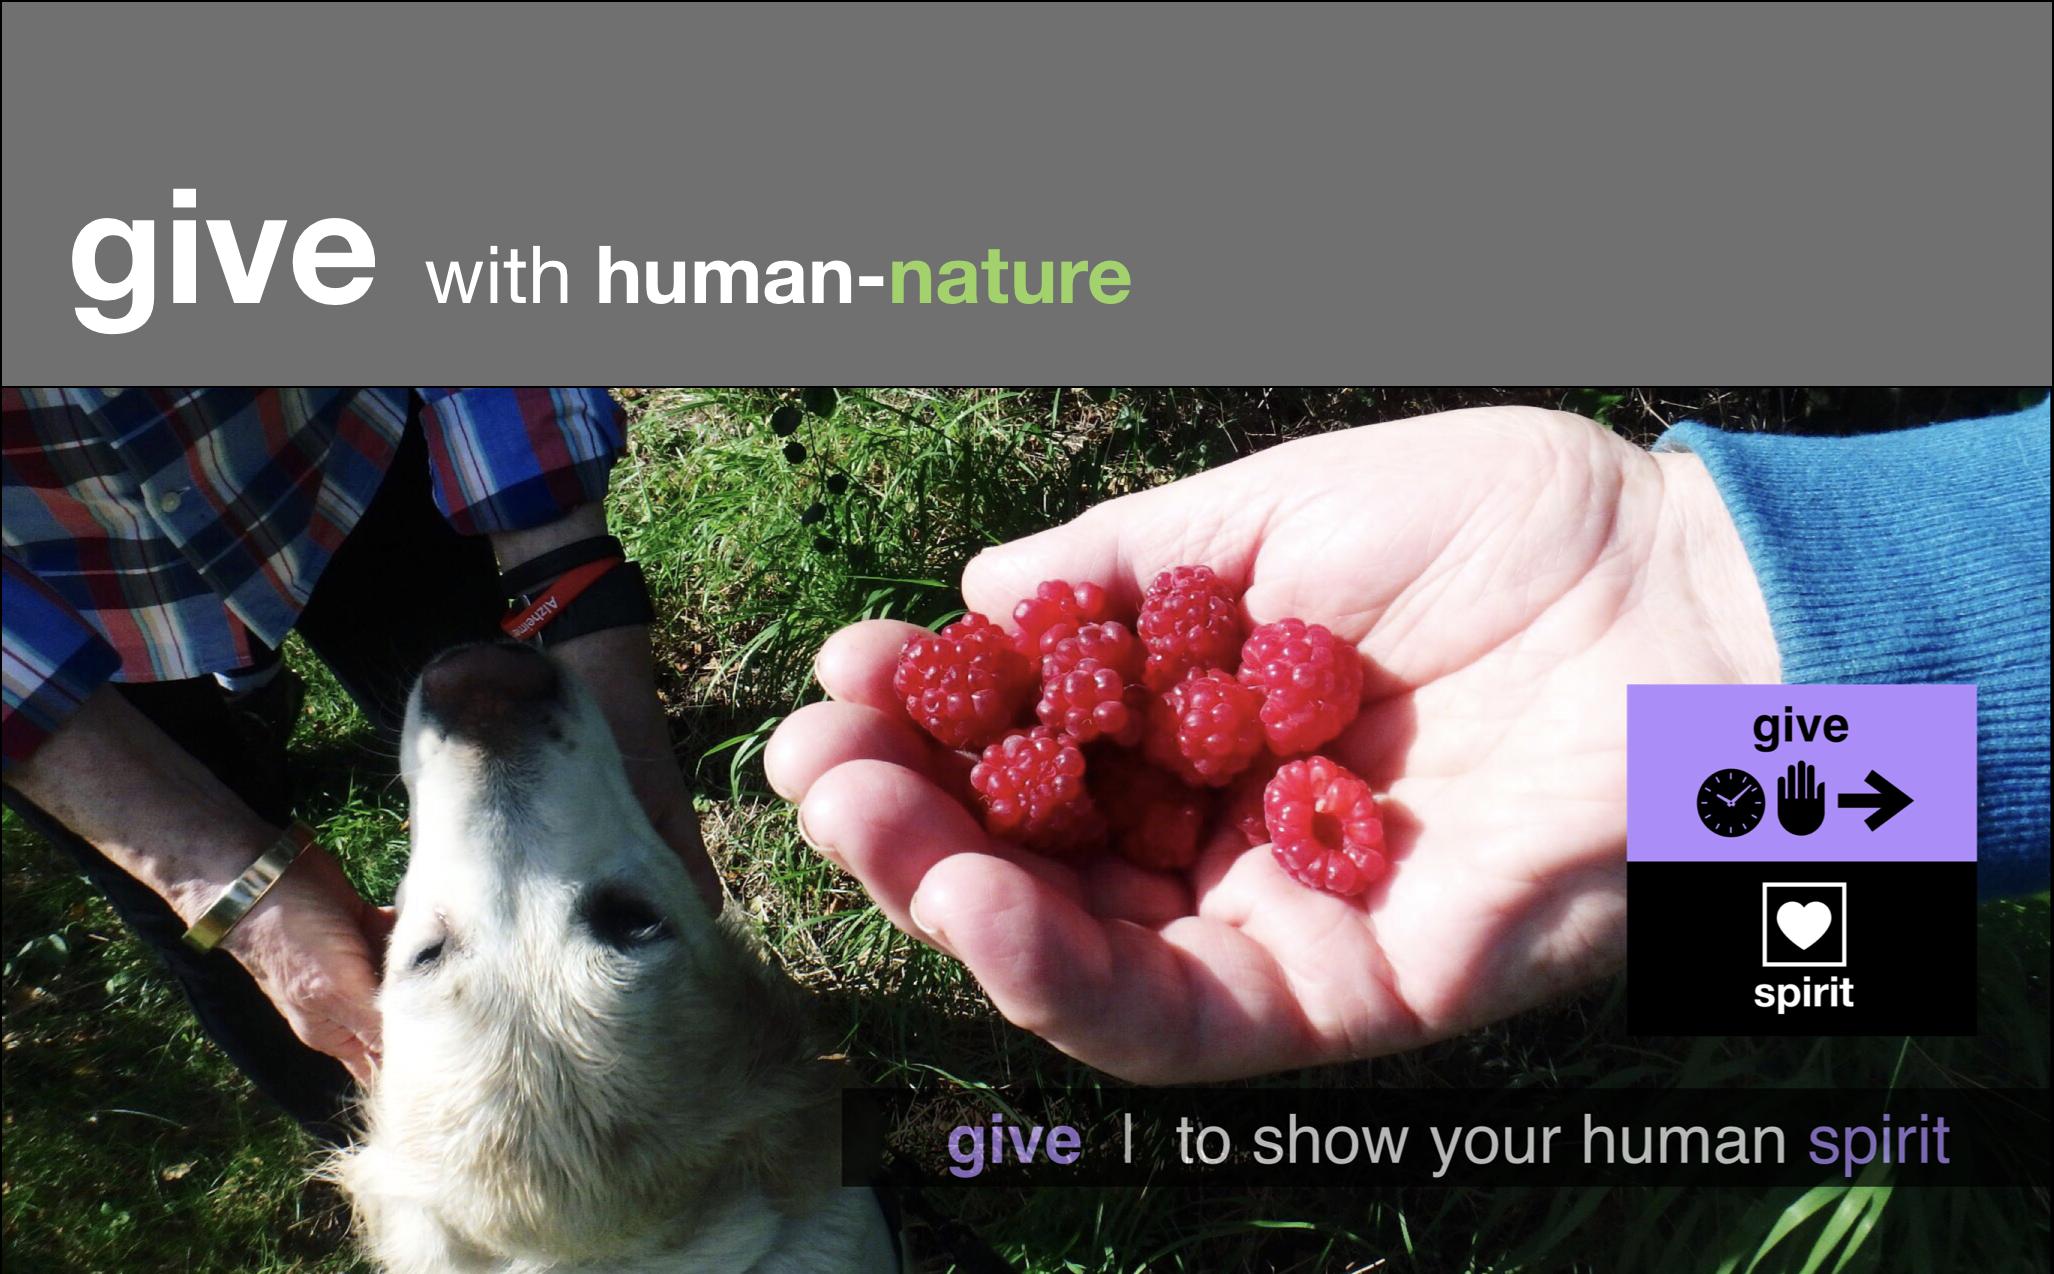 Human-Nature - Give